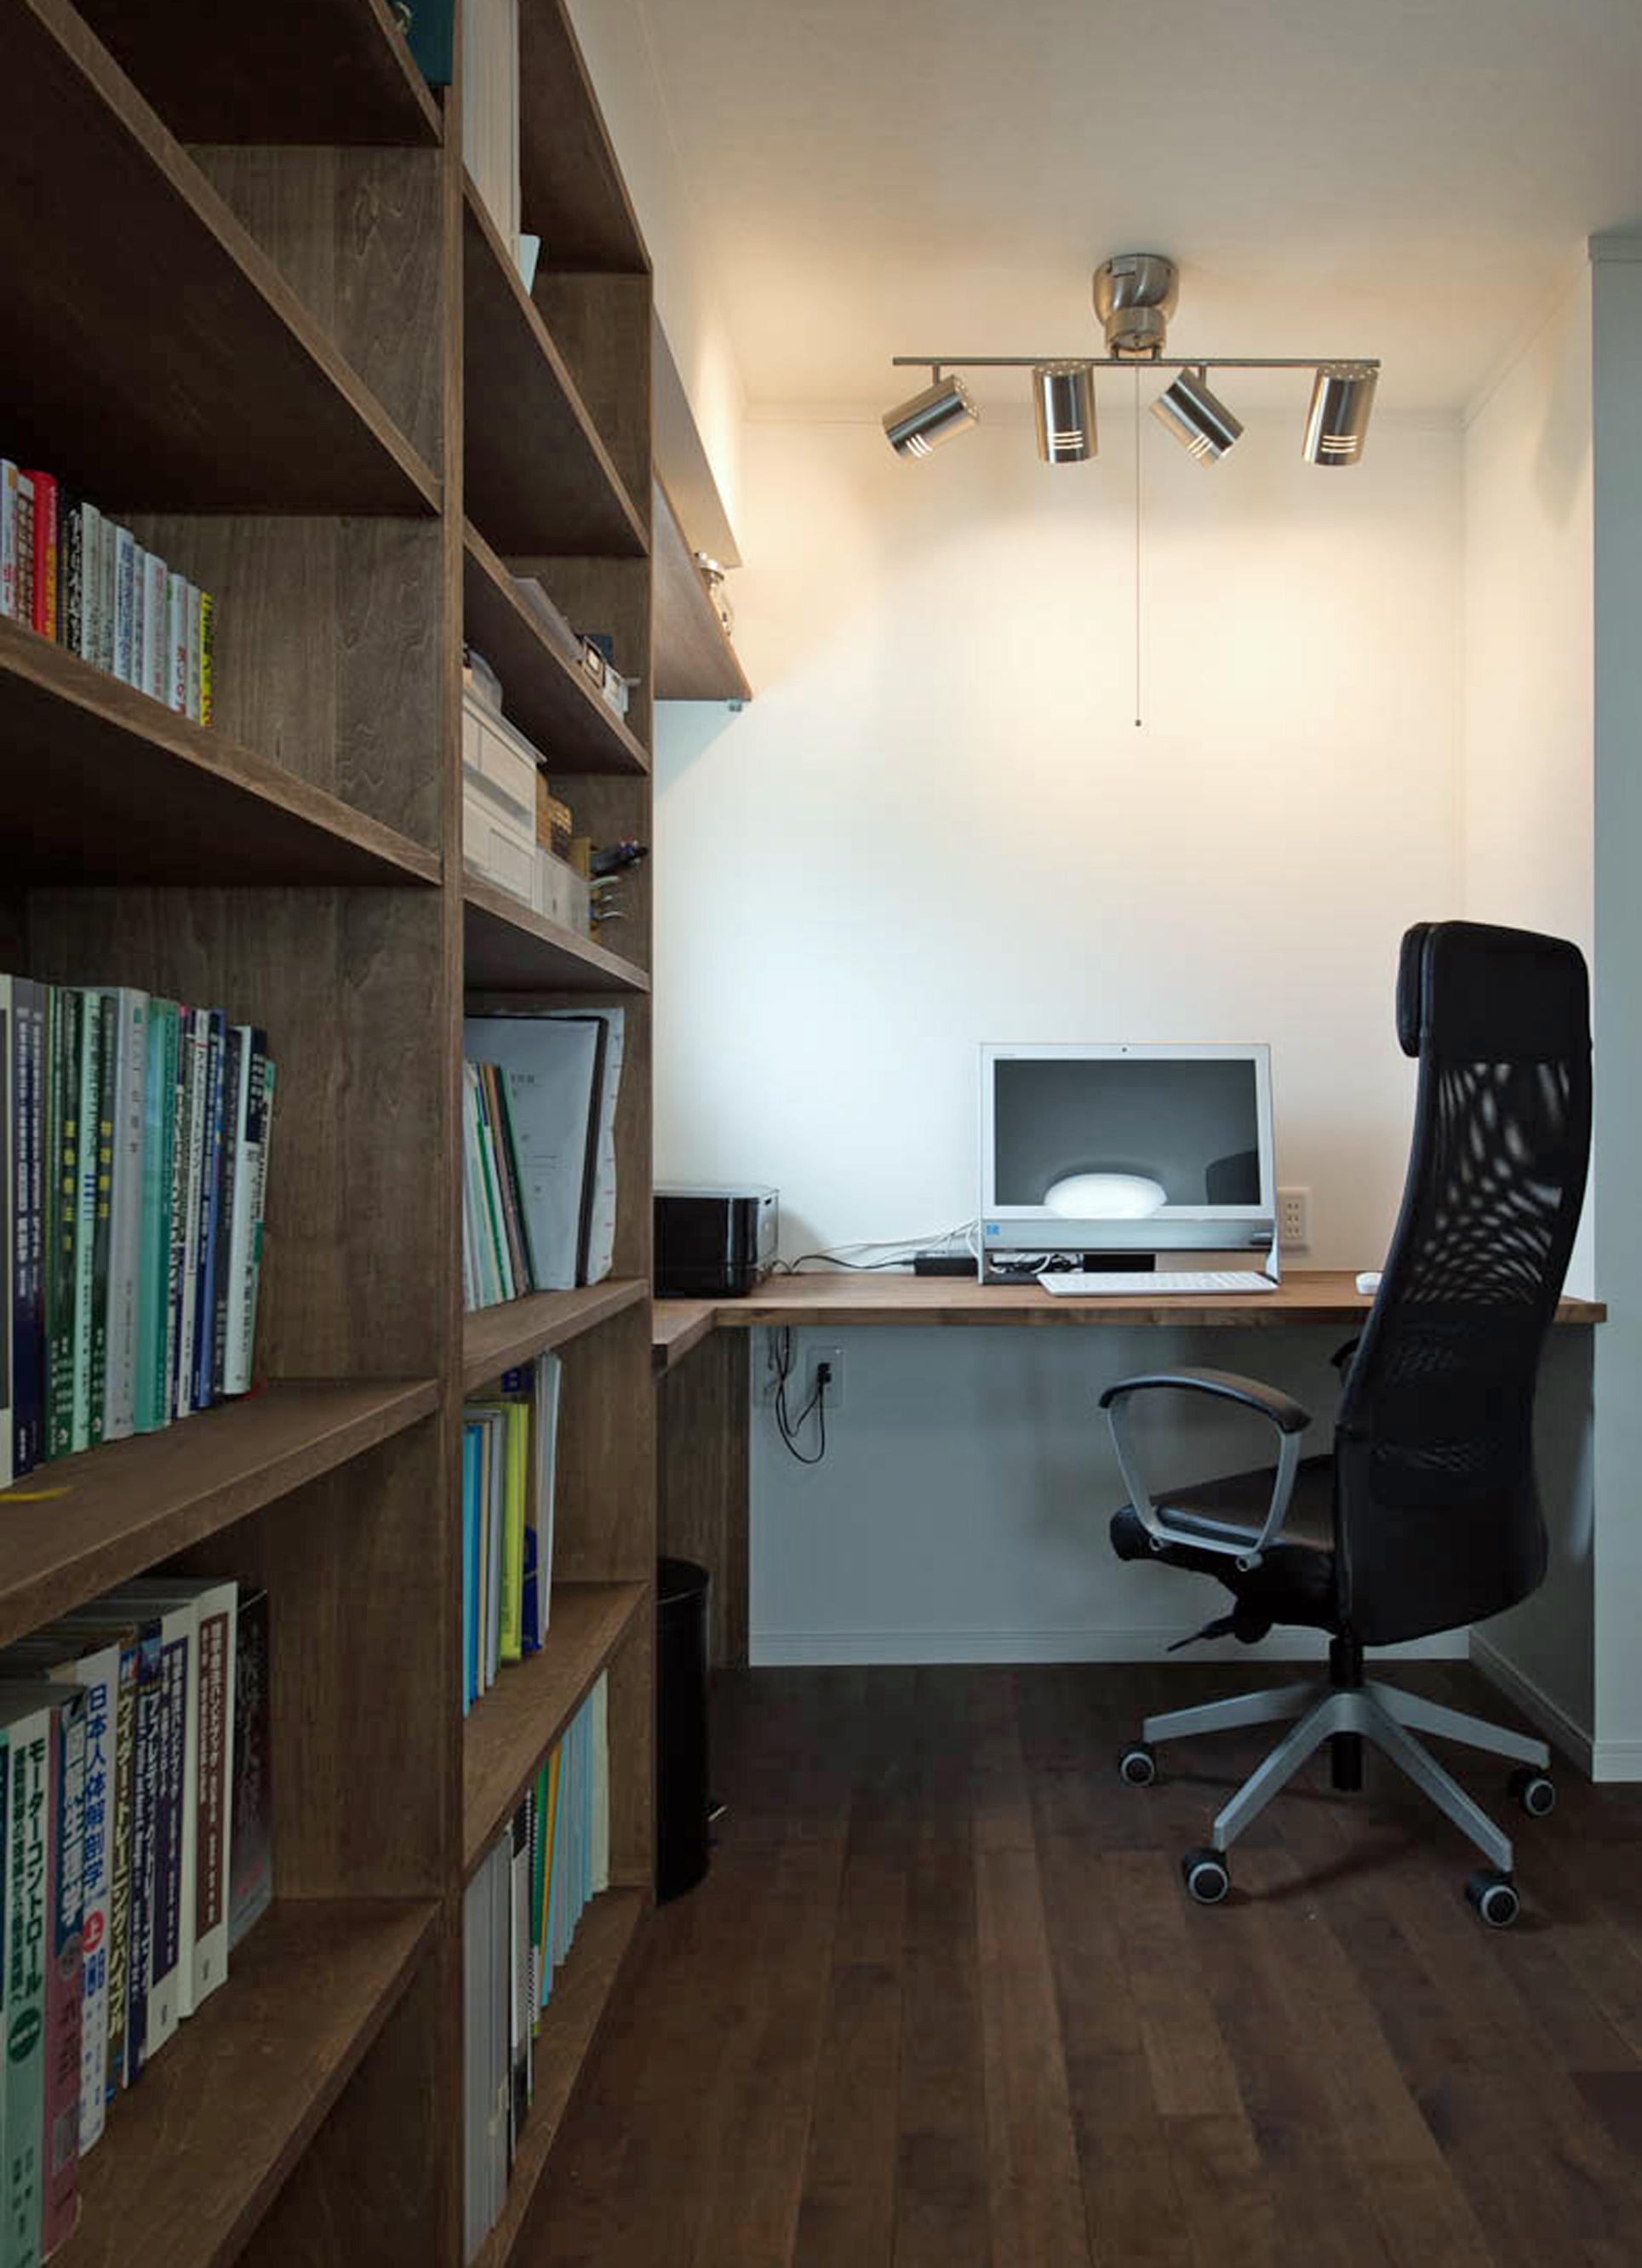 ハートホーム【デザイン住宅、収納力、間取り】寝室の一角に設けたご主人の書斎コーナー。本が多いご主人のために大容量の書棚を造り付けた